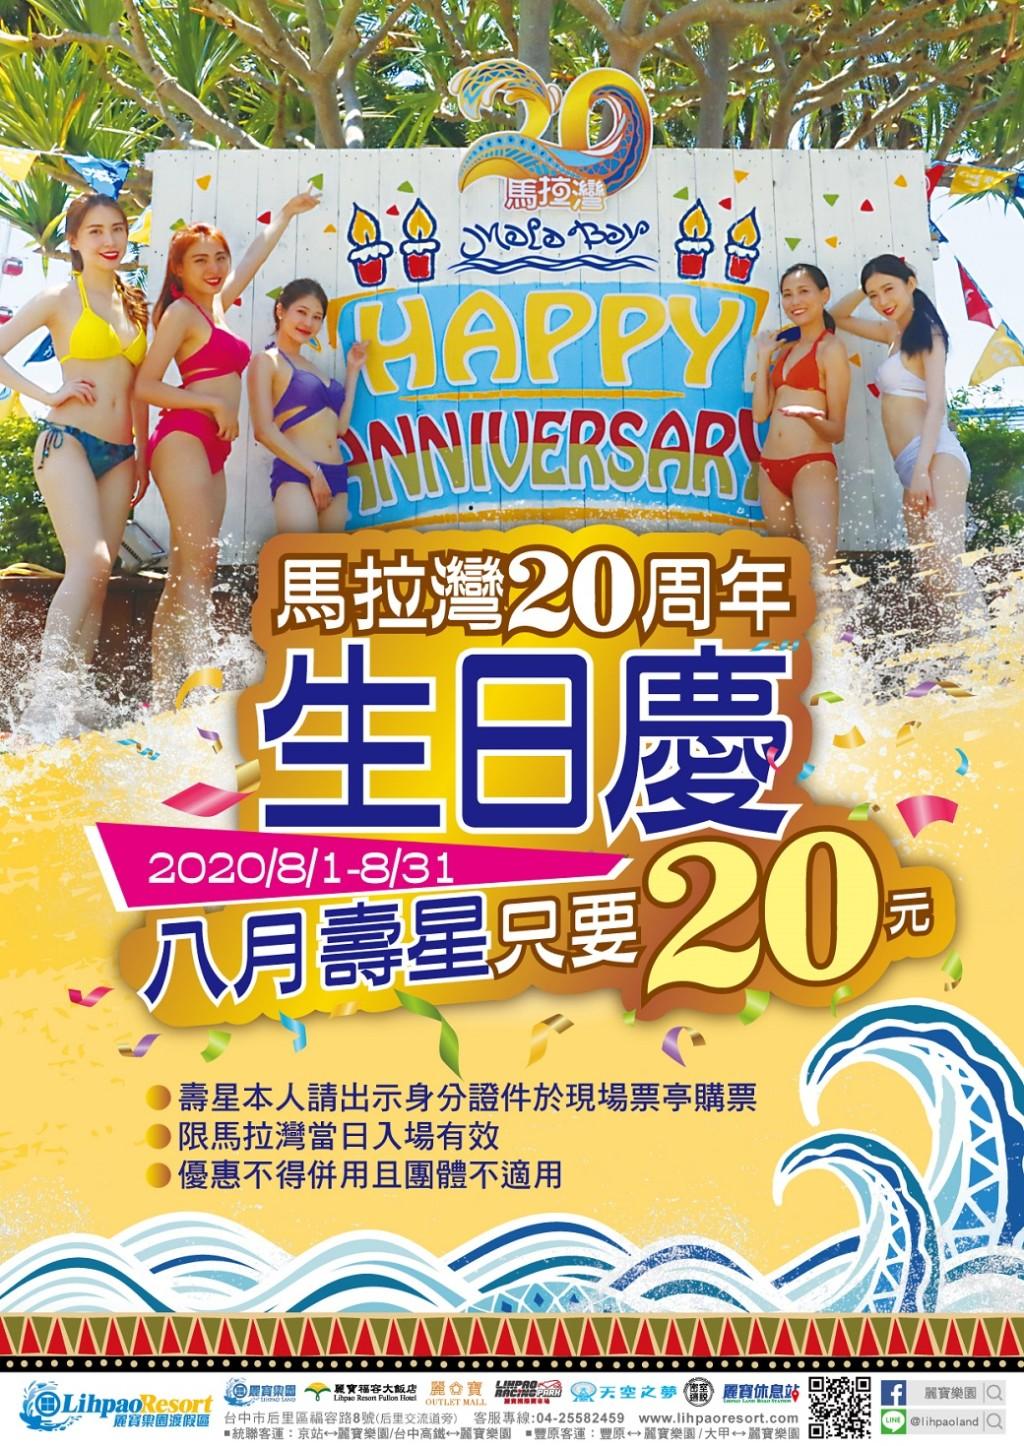 麗寶樂園「馬拉灣20周年」大優惠 8月壽星門票只要20元!